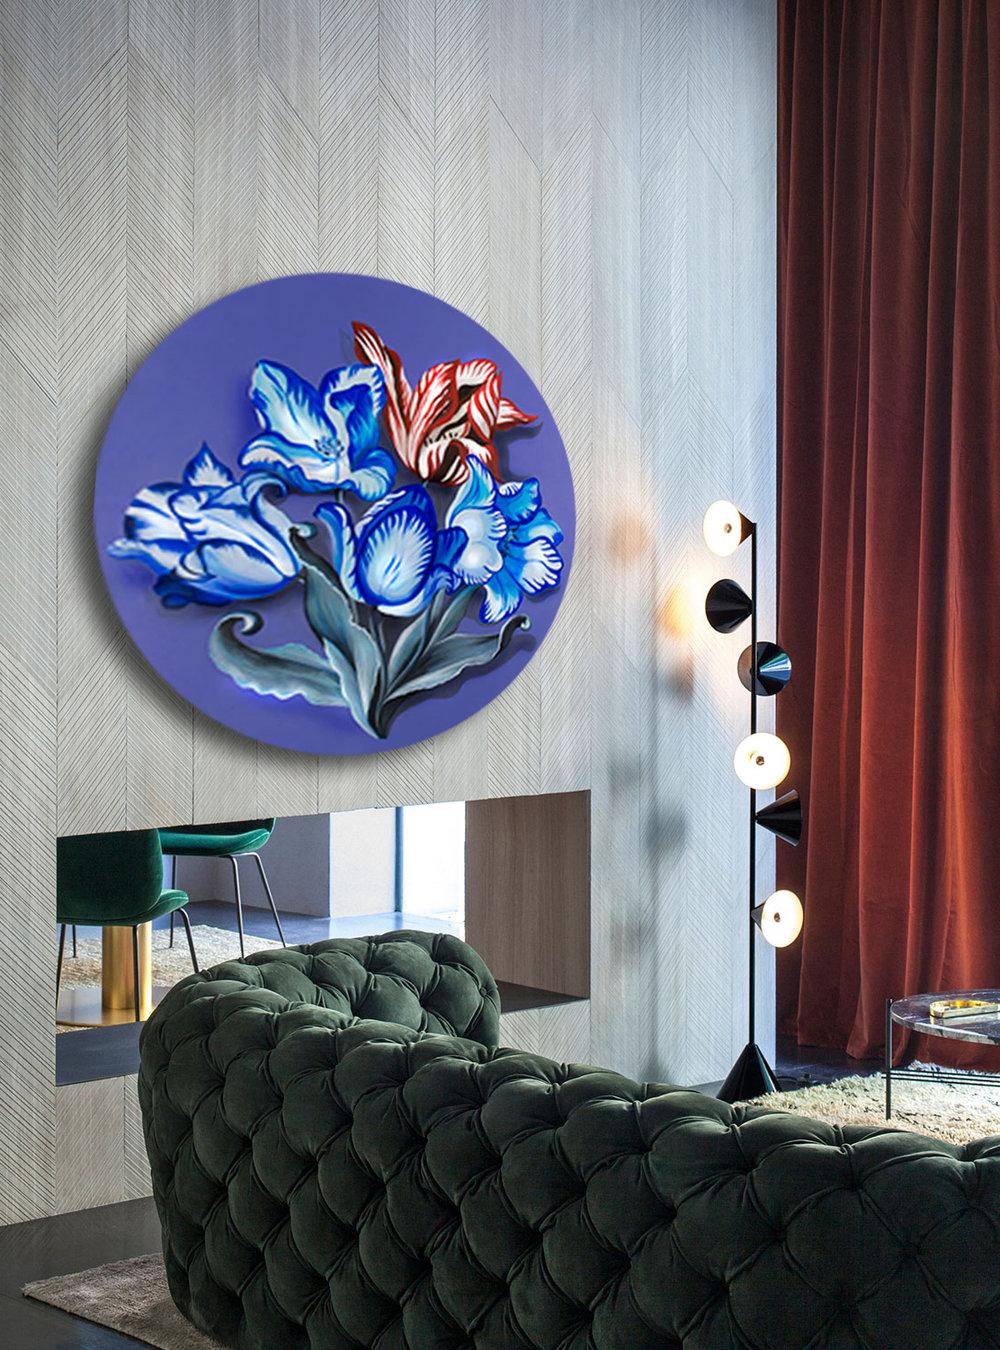 Porcelain painting I acrylic on wood